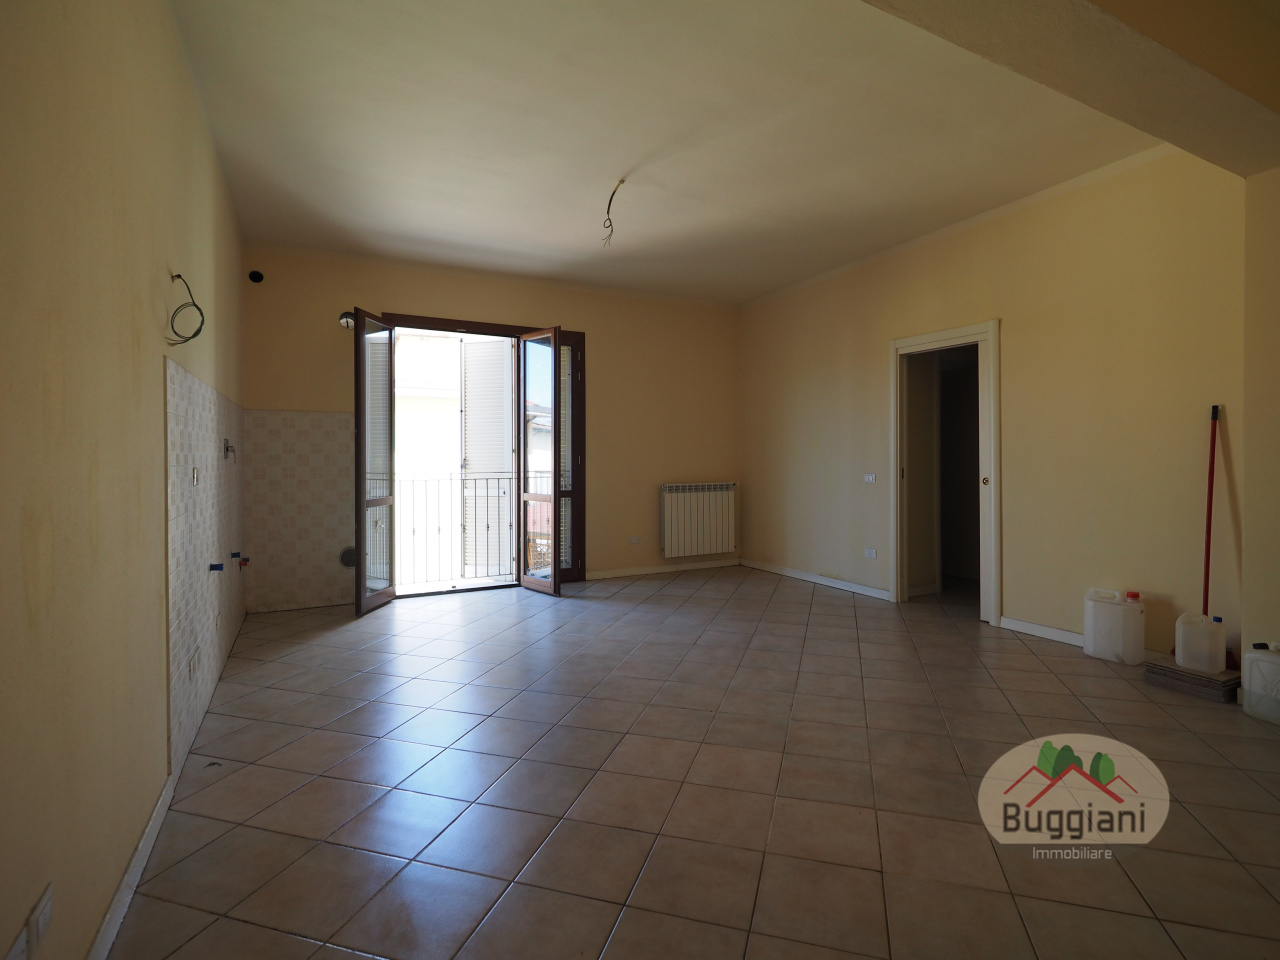 Appartamento in vendita RIF. 1777, San Miniato (PI)